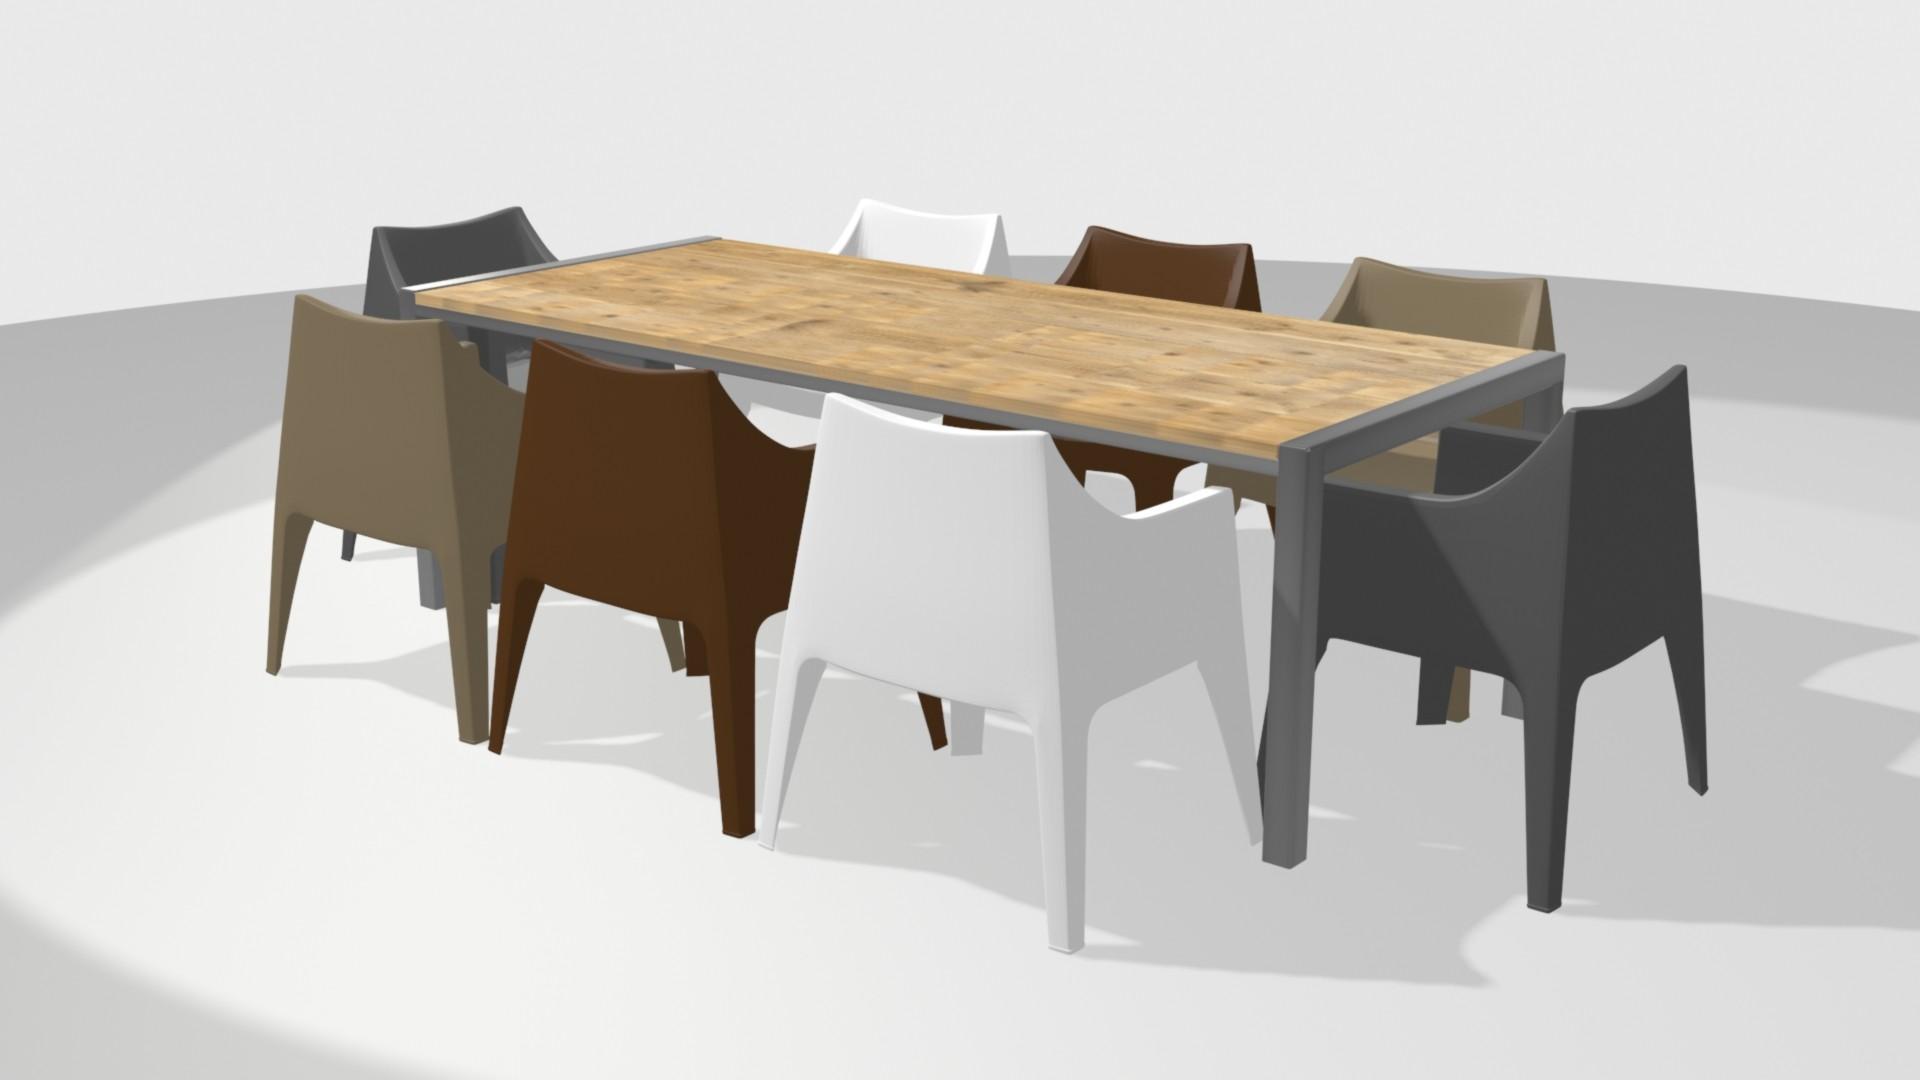 Rvs tafel 240 met 6 coccolona stoelen zooff.nl